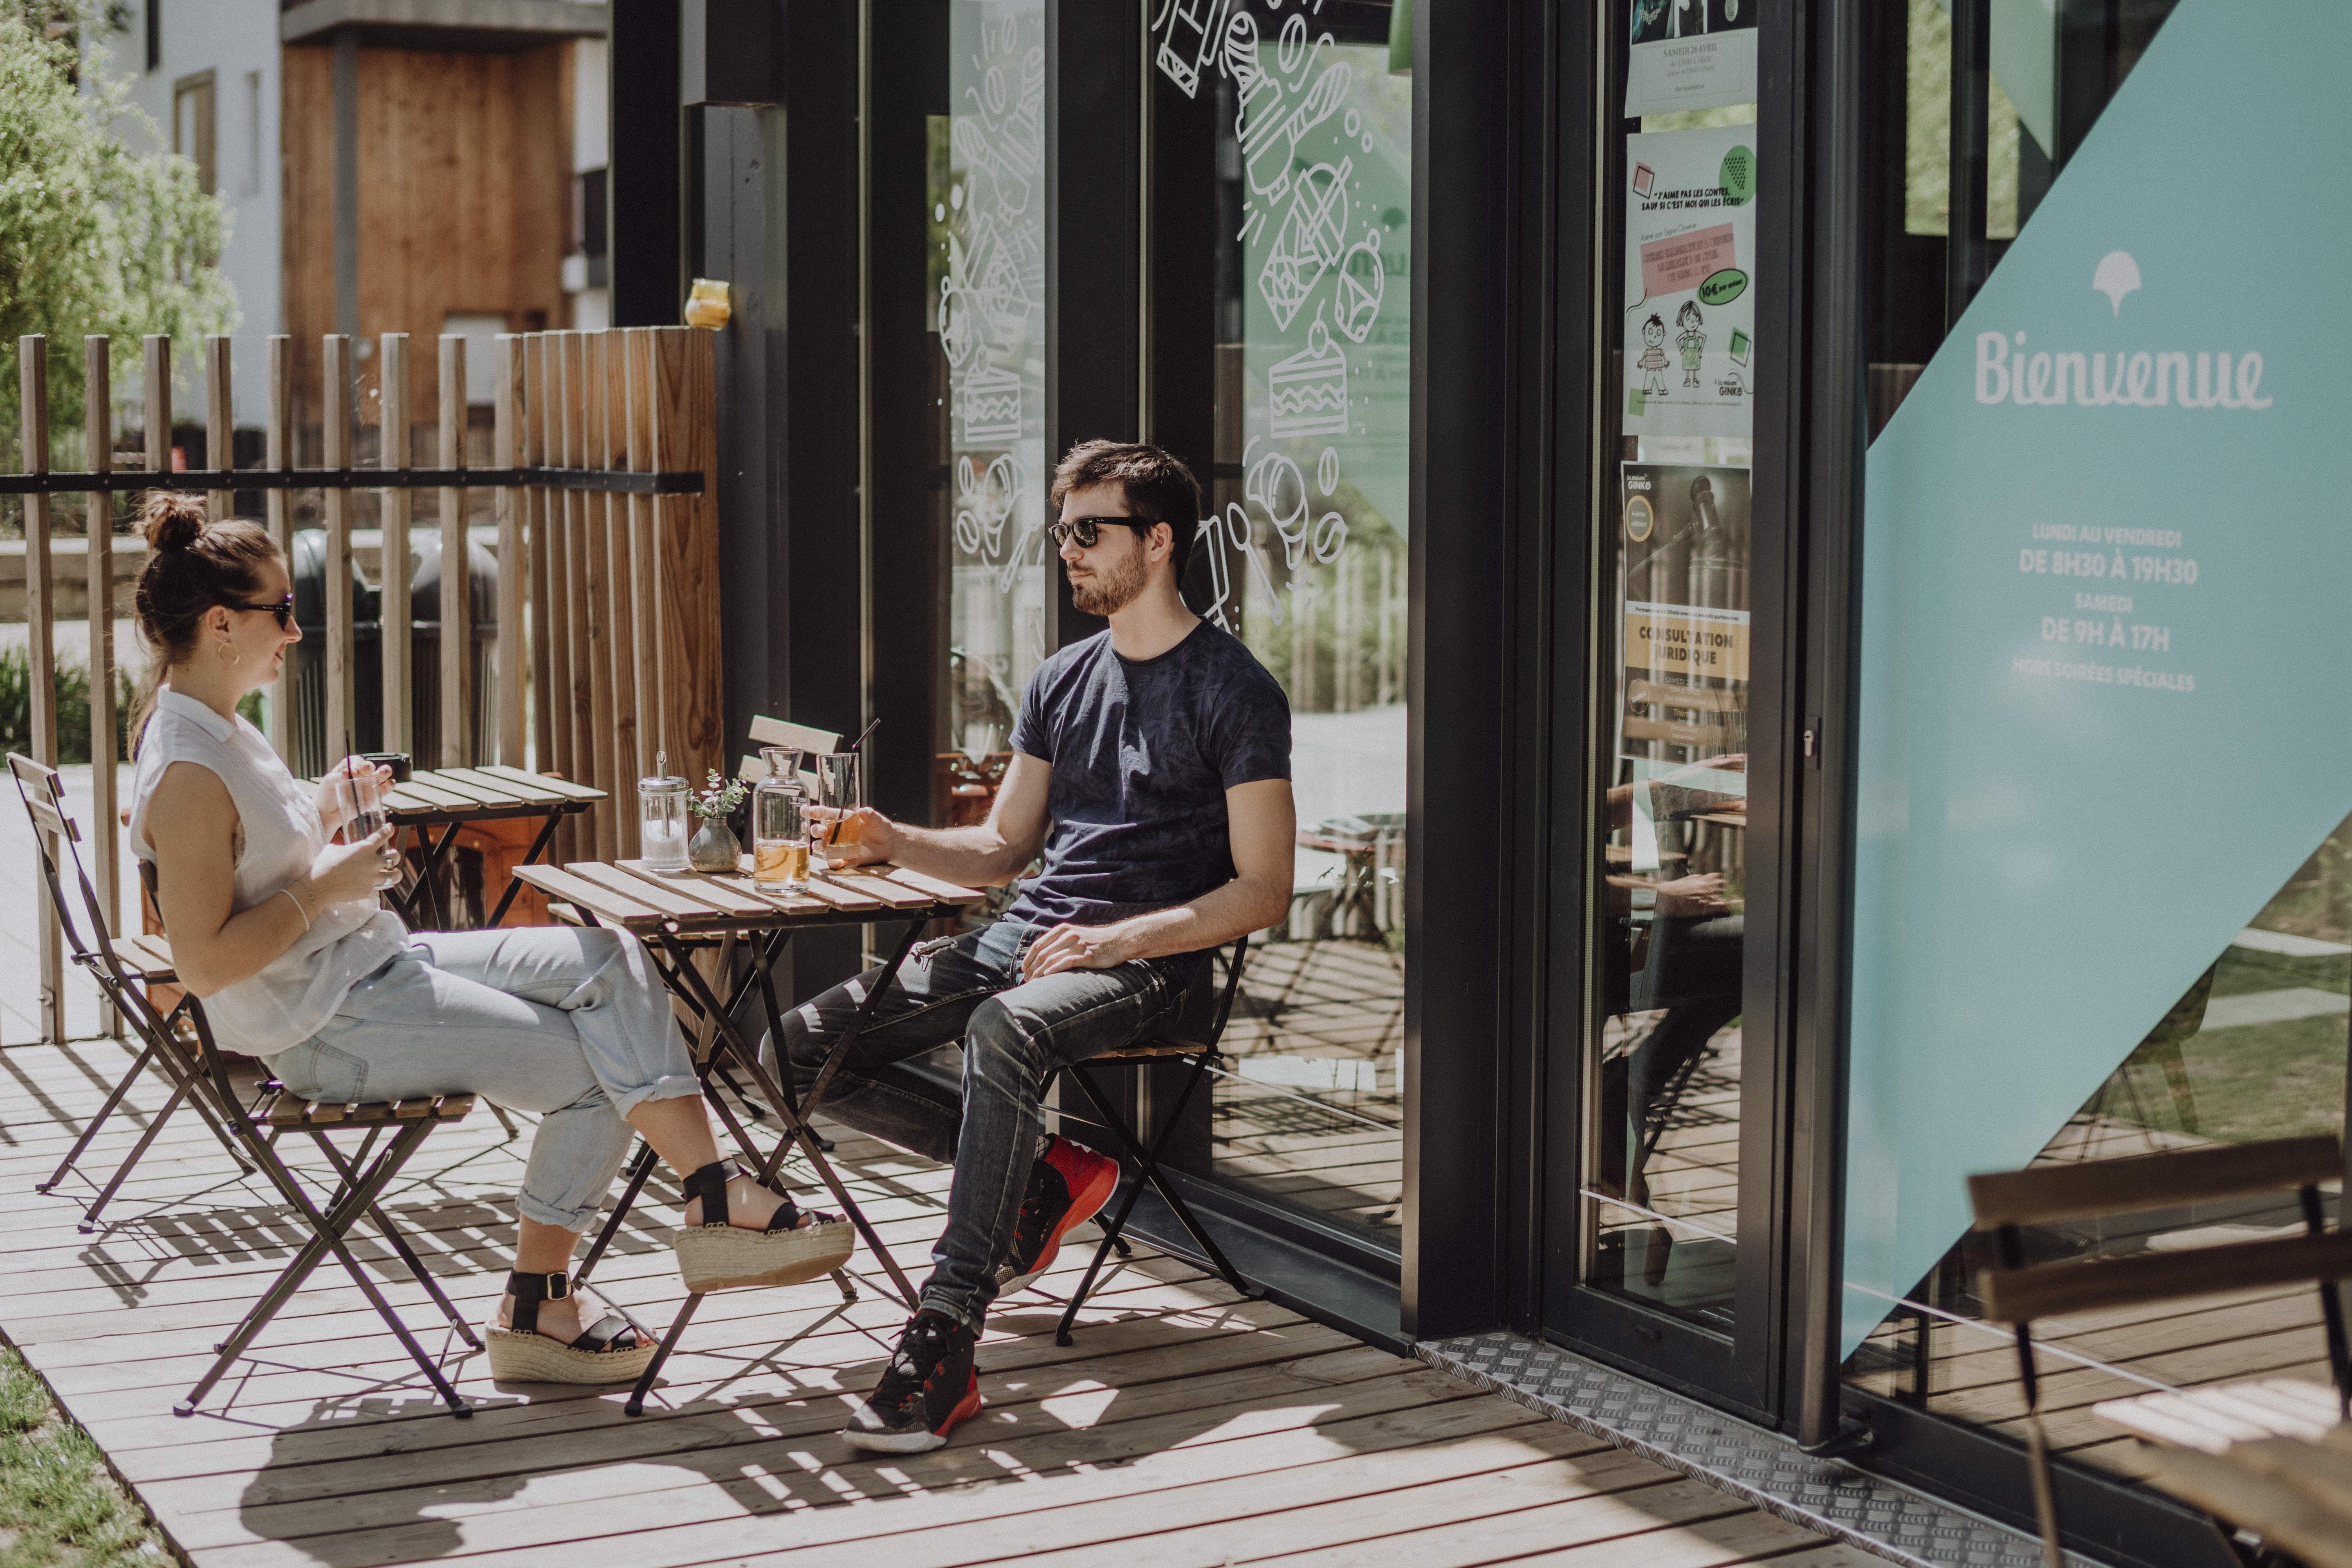 elsacaza_photographe_ginko_café_bordeaux